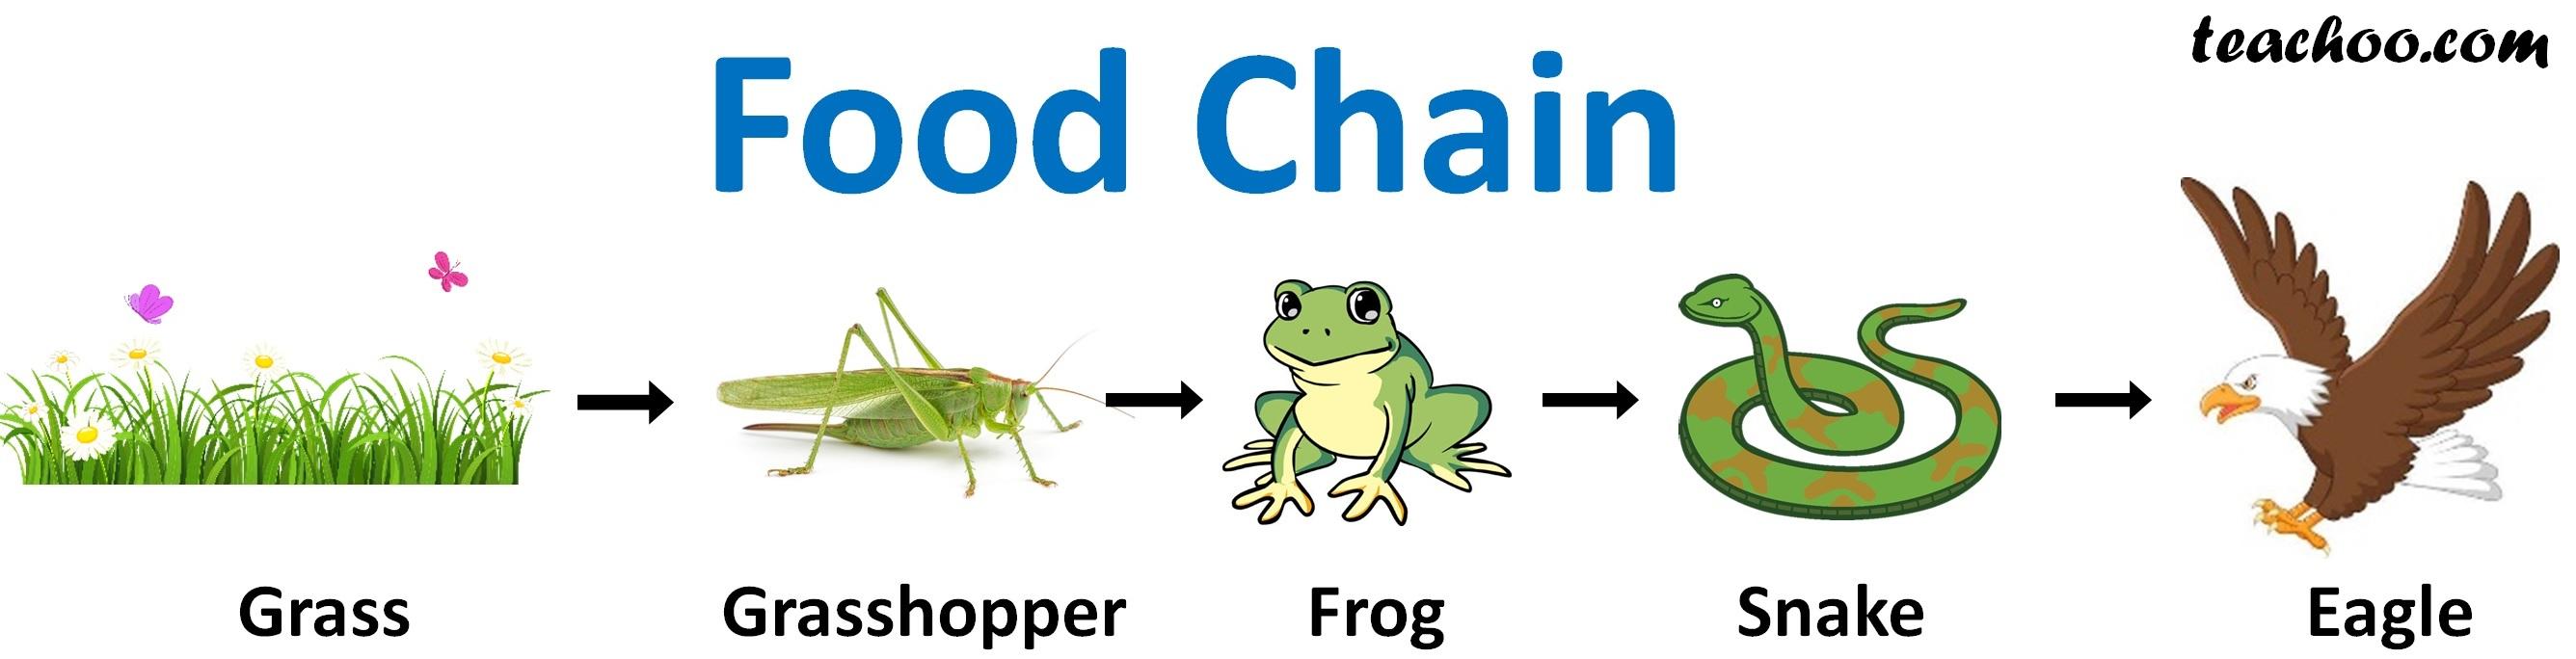 Food Chain (Imp Ques) - Teachoo.jpg